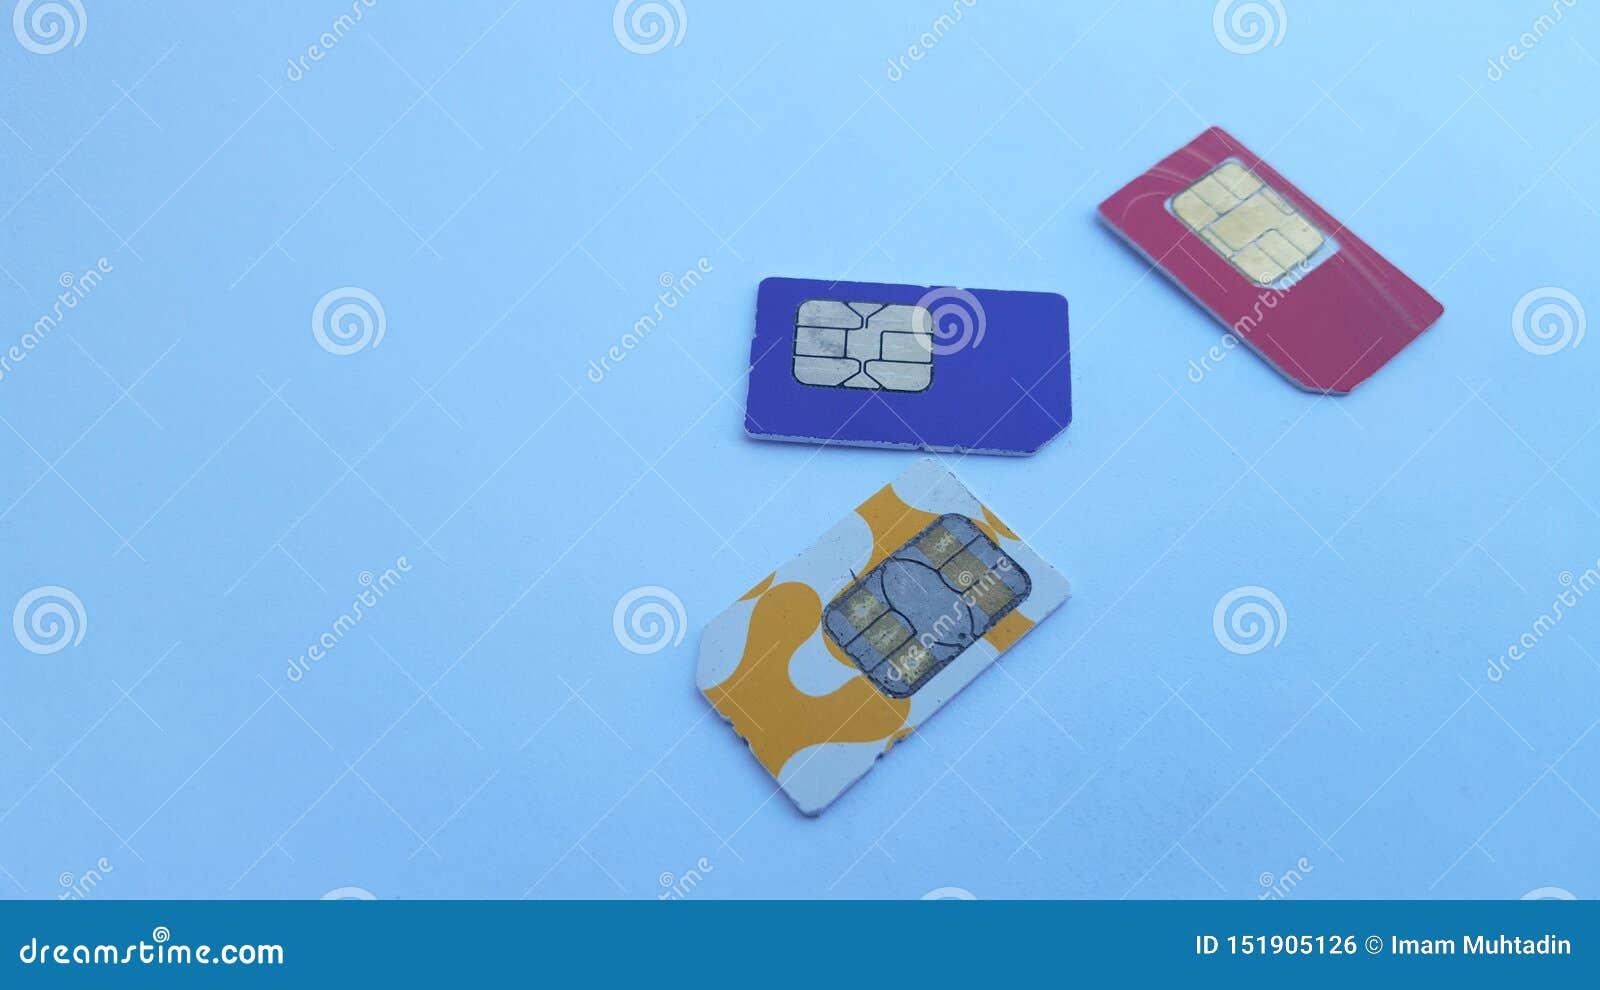 手机sim卡片,其中一技术在通信领域